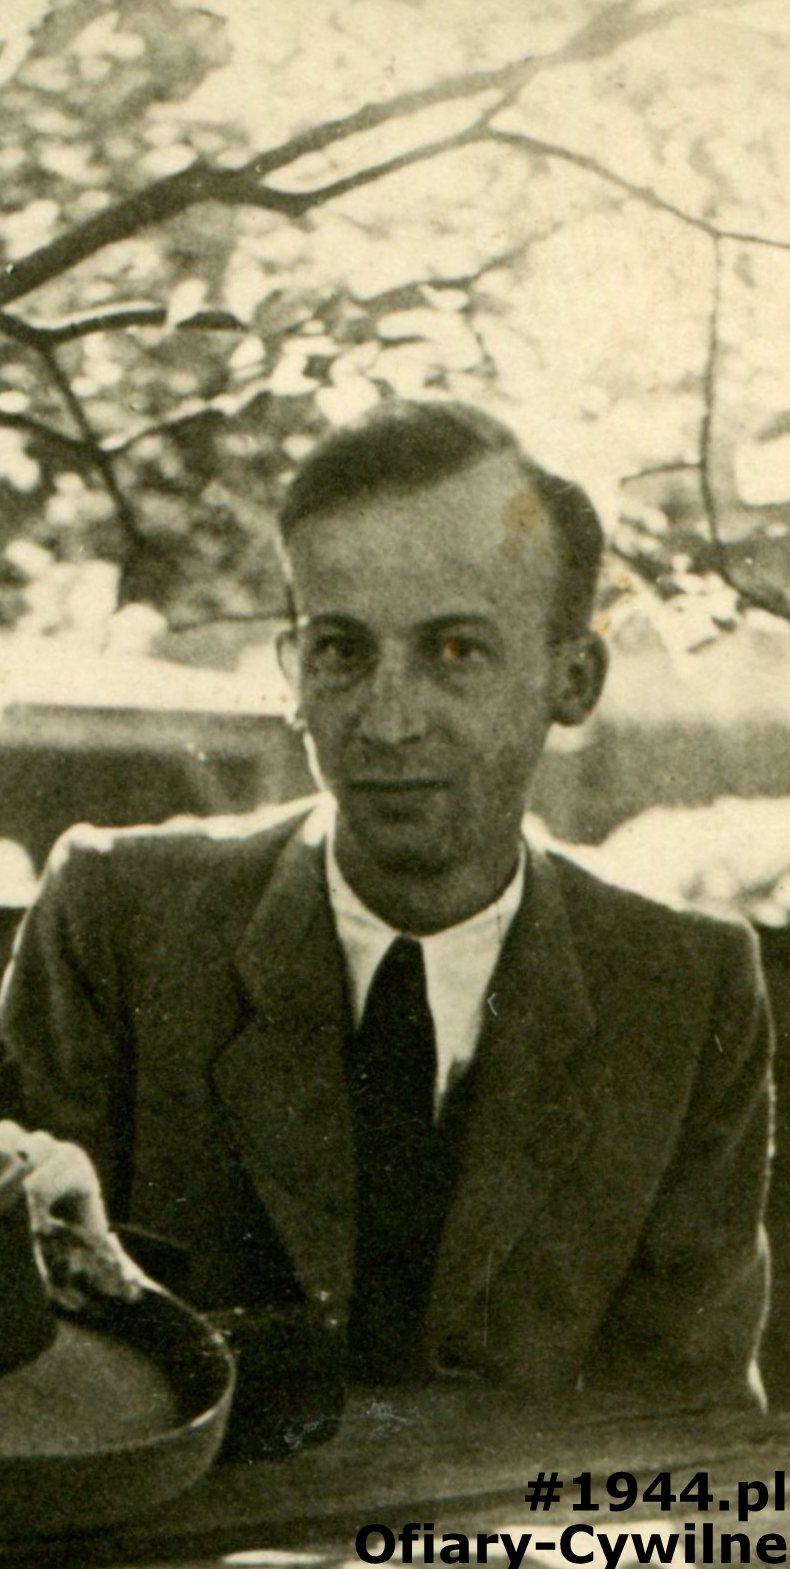 Józef Falkowski ok. 1944 r., ze zbiorów rodziny Falkowskich oraz pana Gabriela Stypińskiego